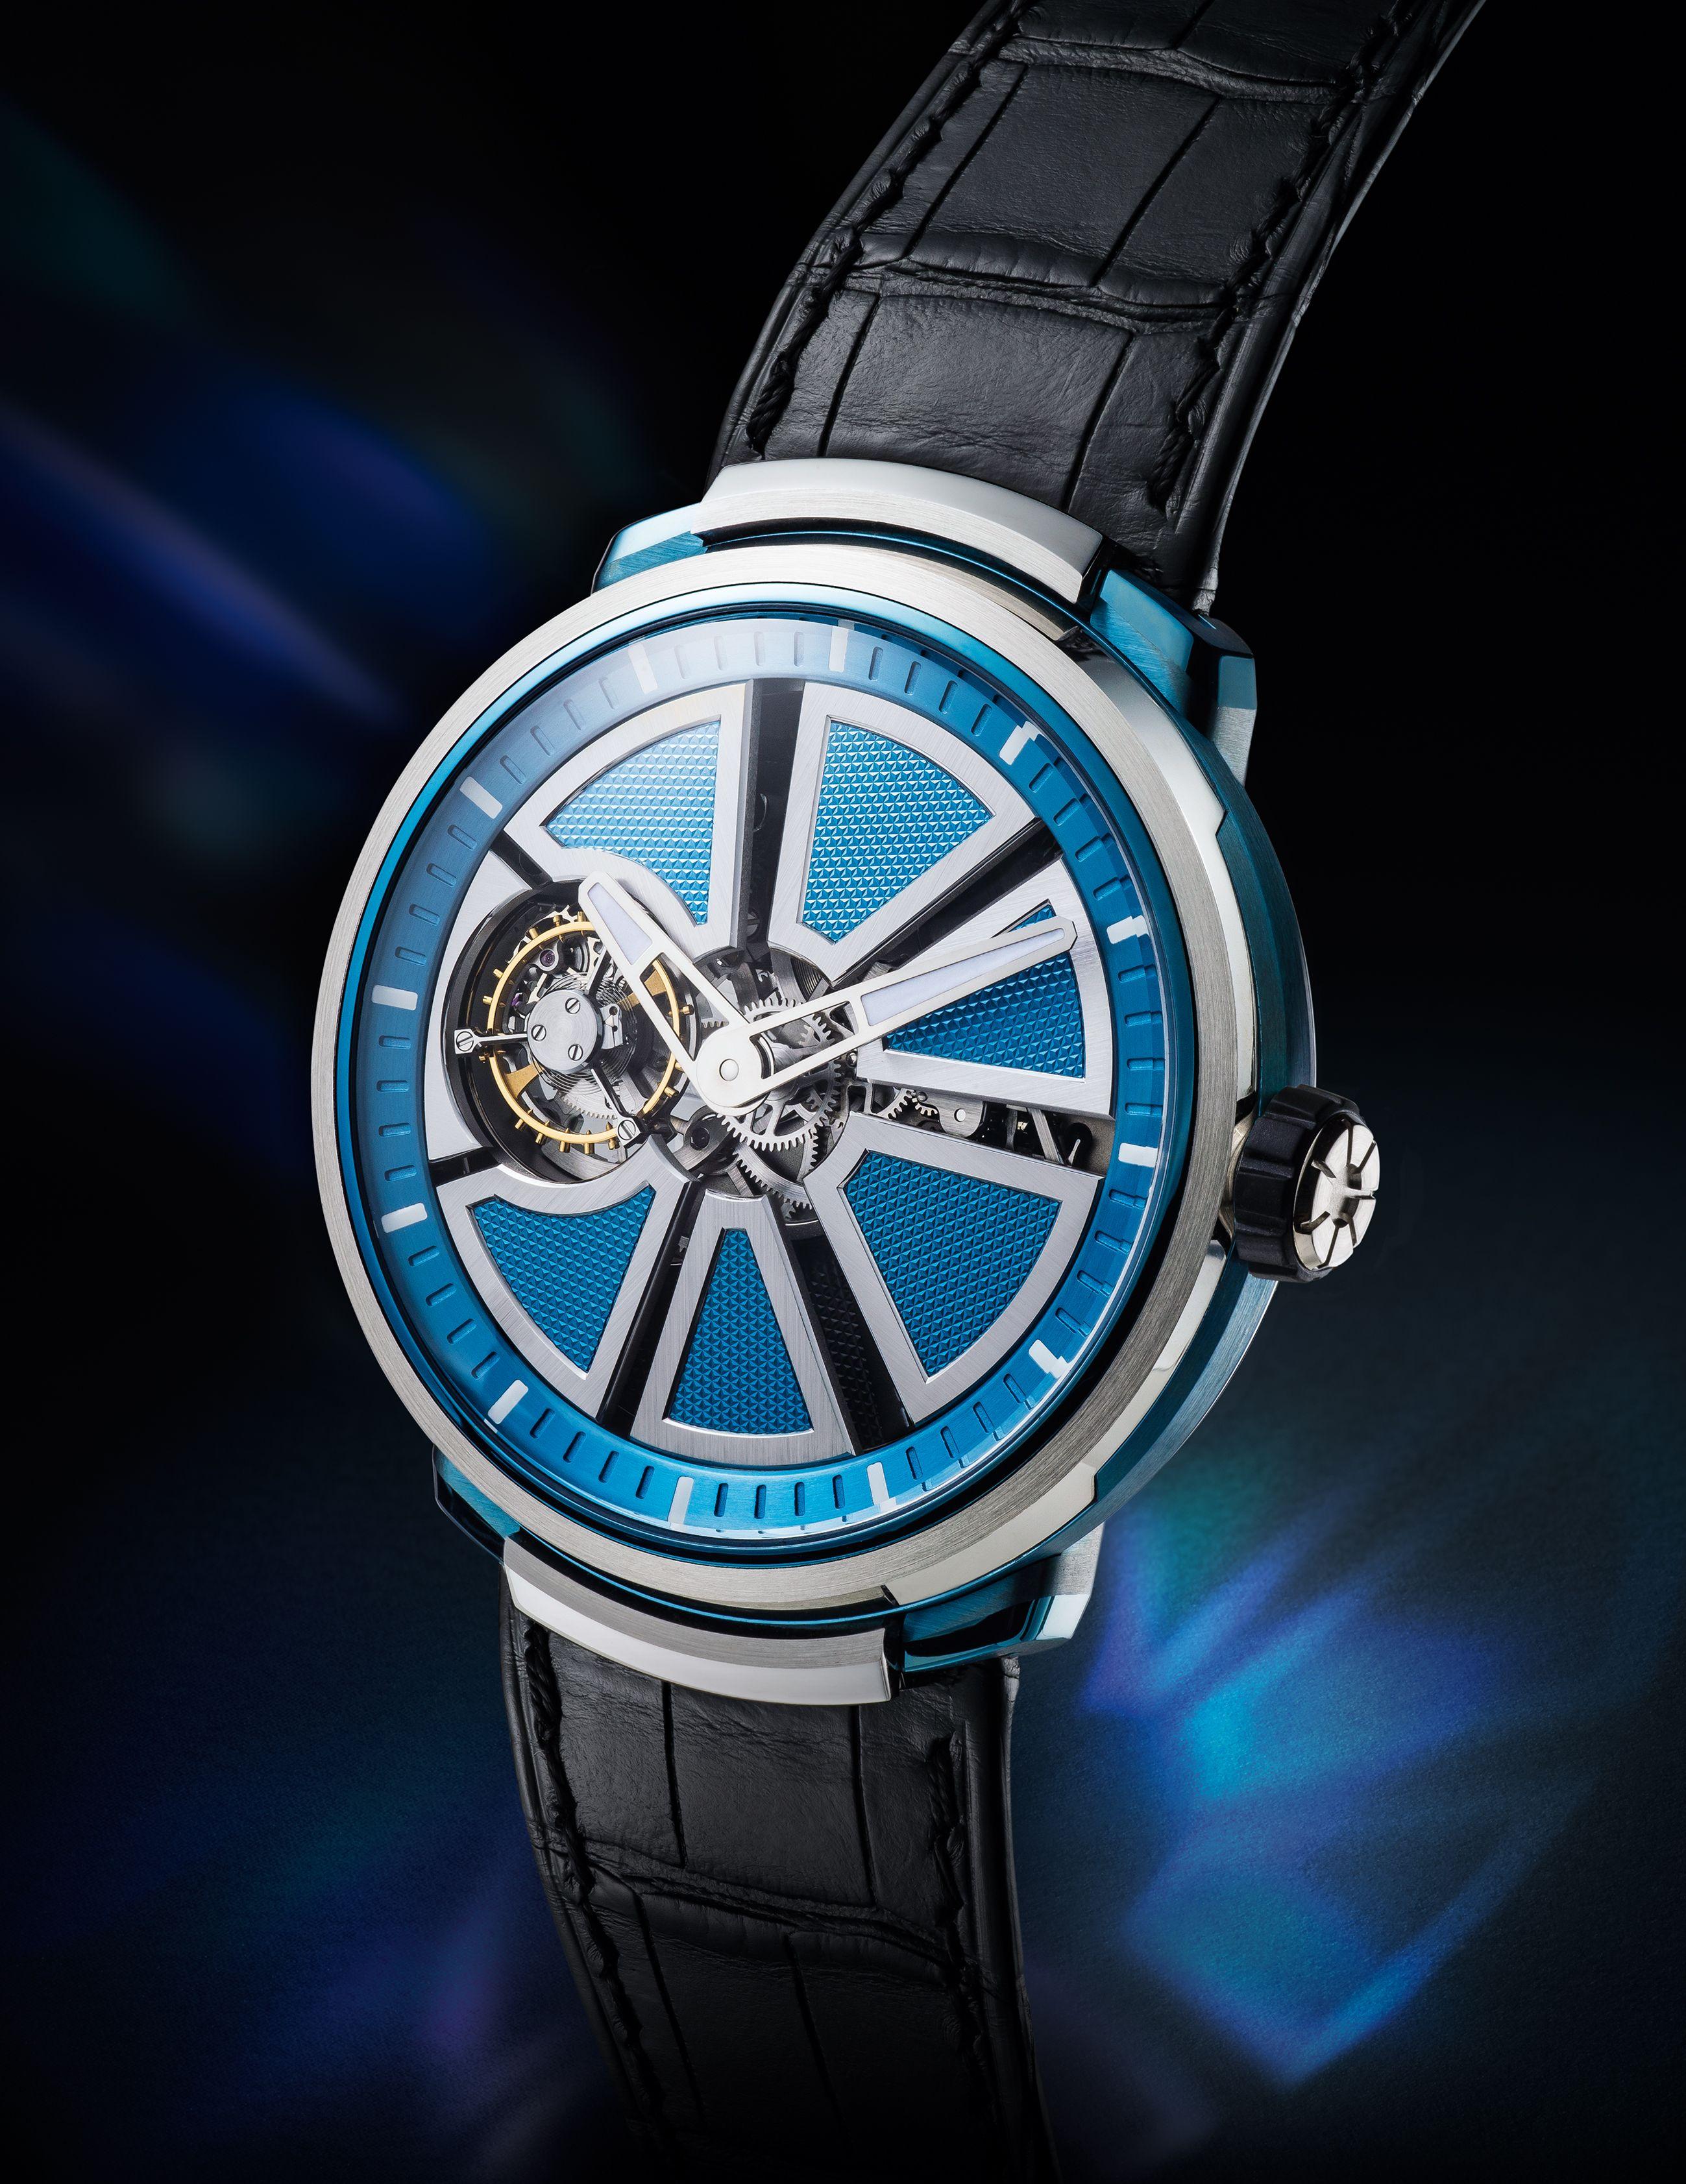 Fabergé Visionnaire Timepiece #Fabergé #watch